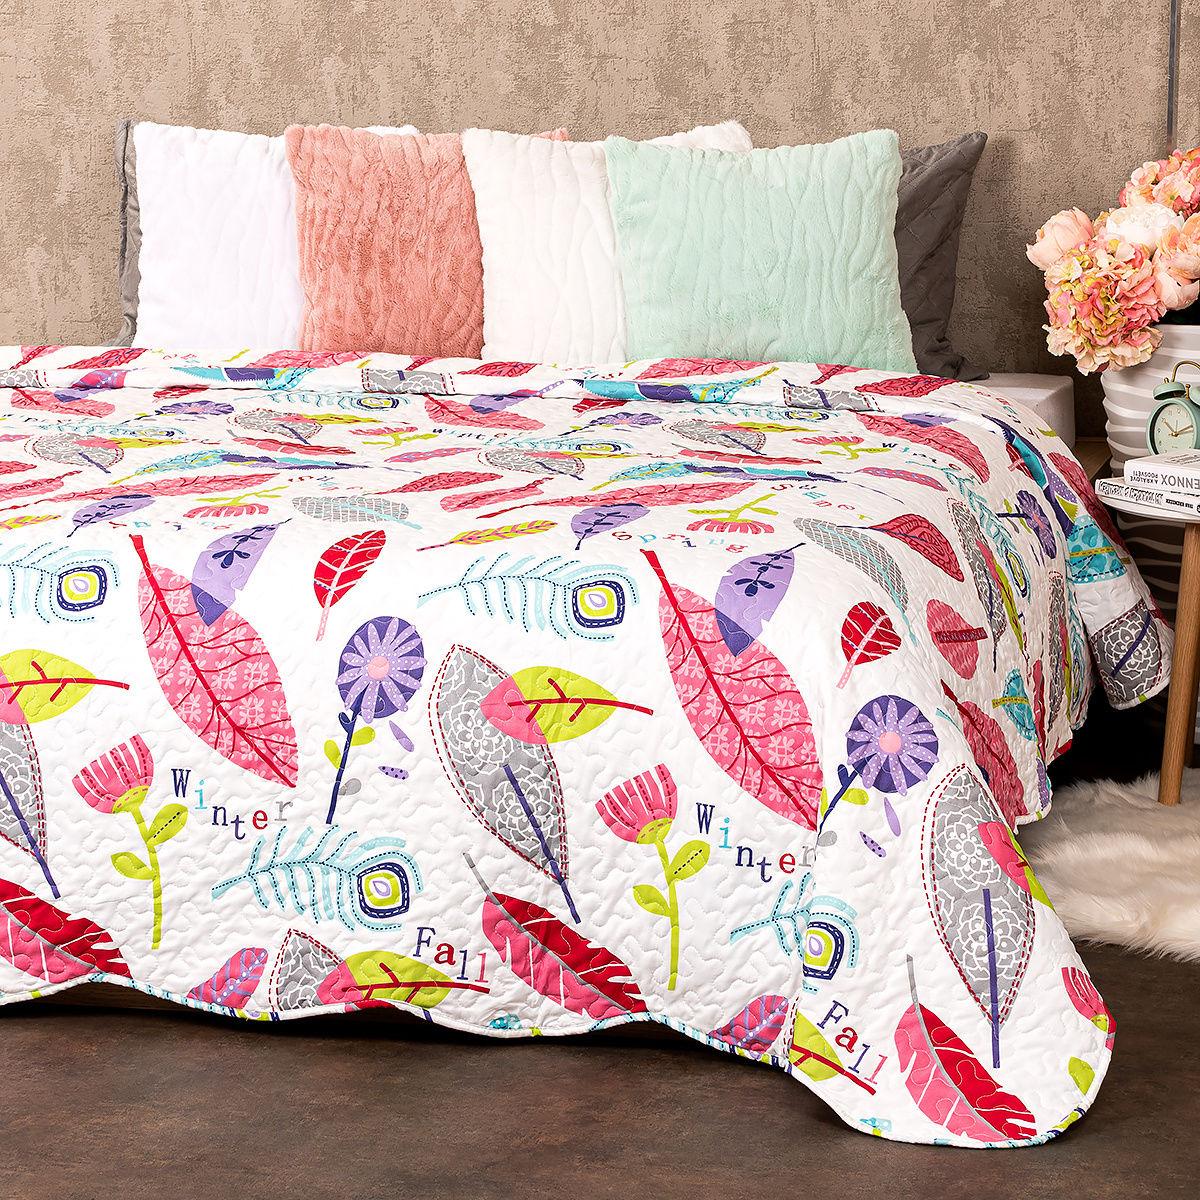 4Home Narzuta na łóżko Karine, 140 x 200 cm, 140 x 220 cm